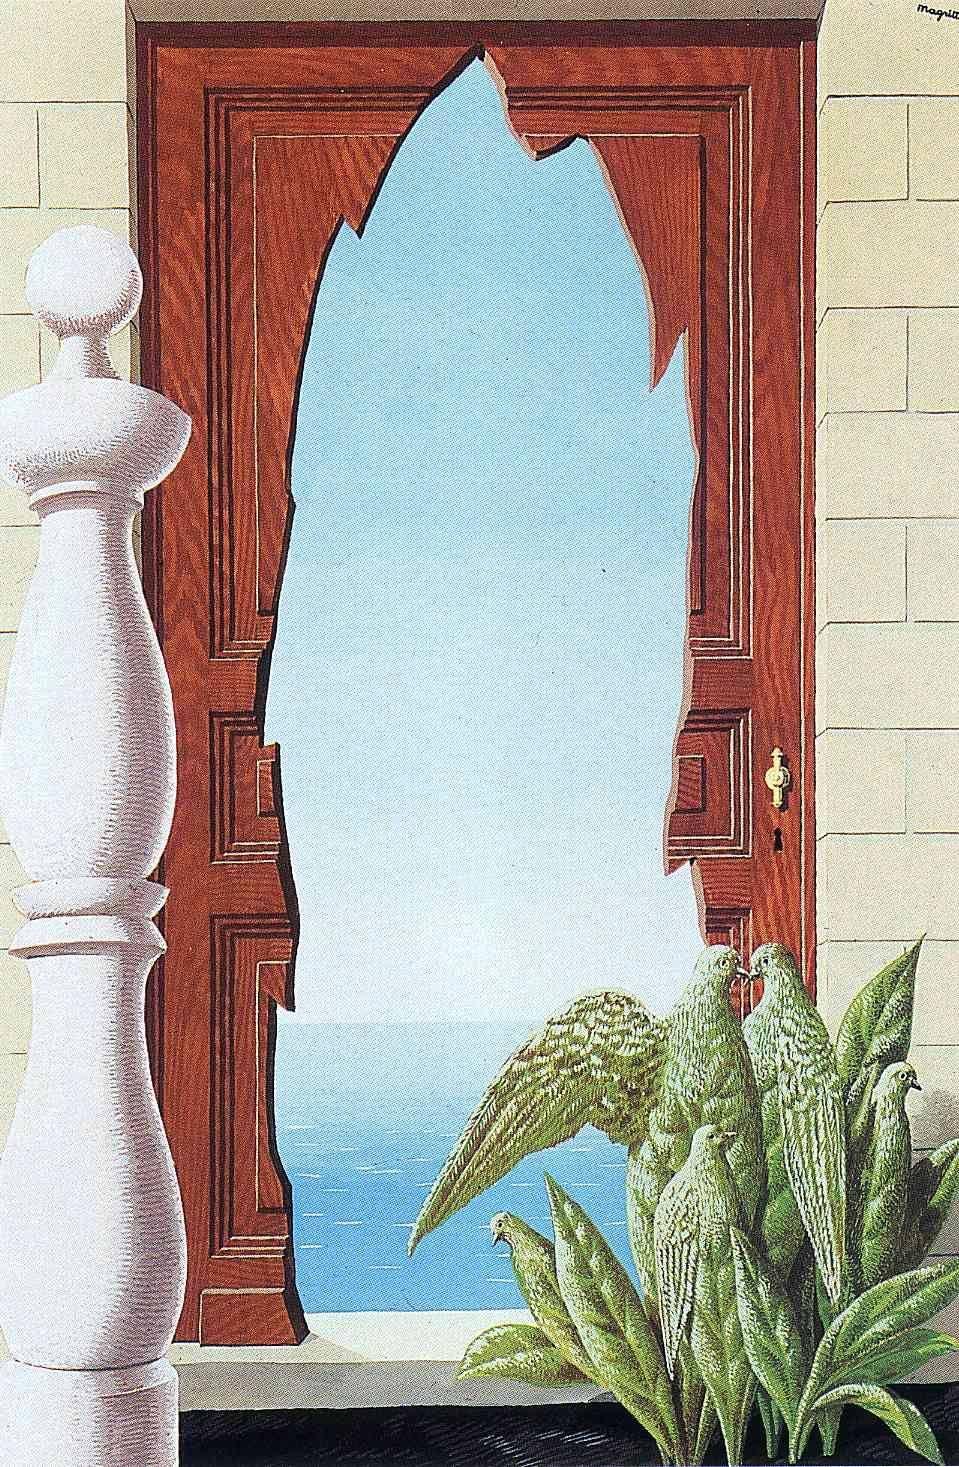 Early Morning 1942 Rene Magritte Rene Magritte Magritte Art Rene Magritte Art